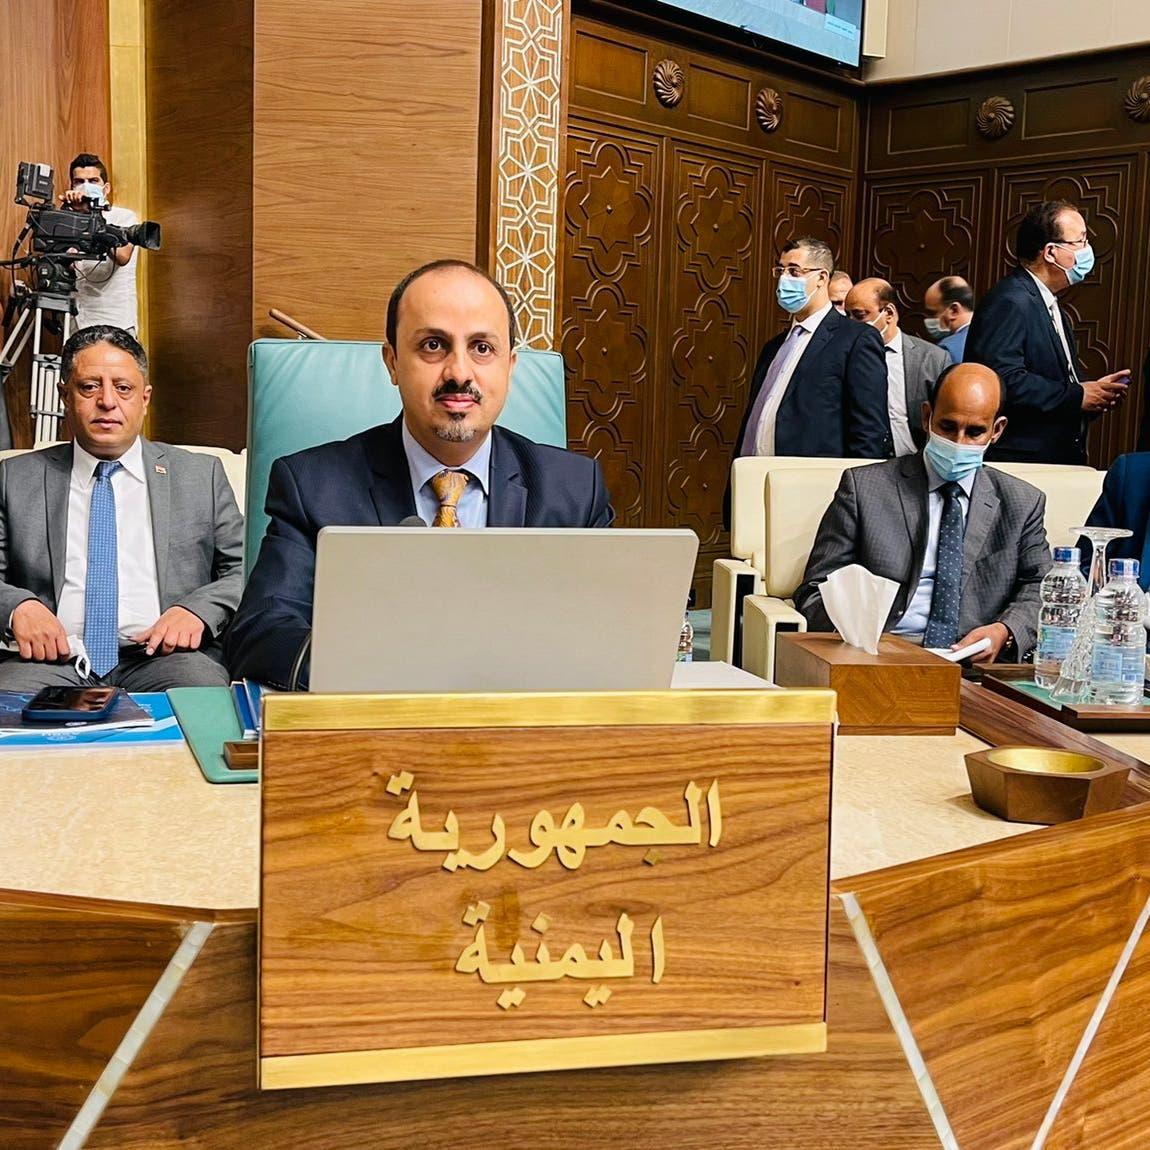 الإرياني: فبركات حوثية لإخفاء العلاقة بتنظيمات الإرهاب